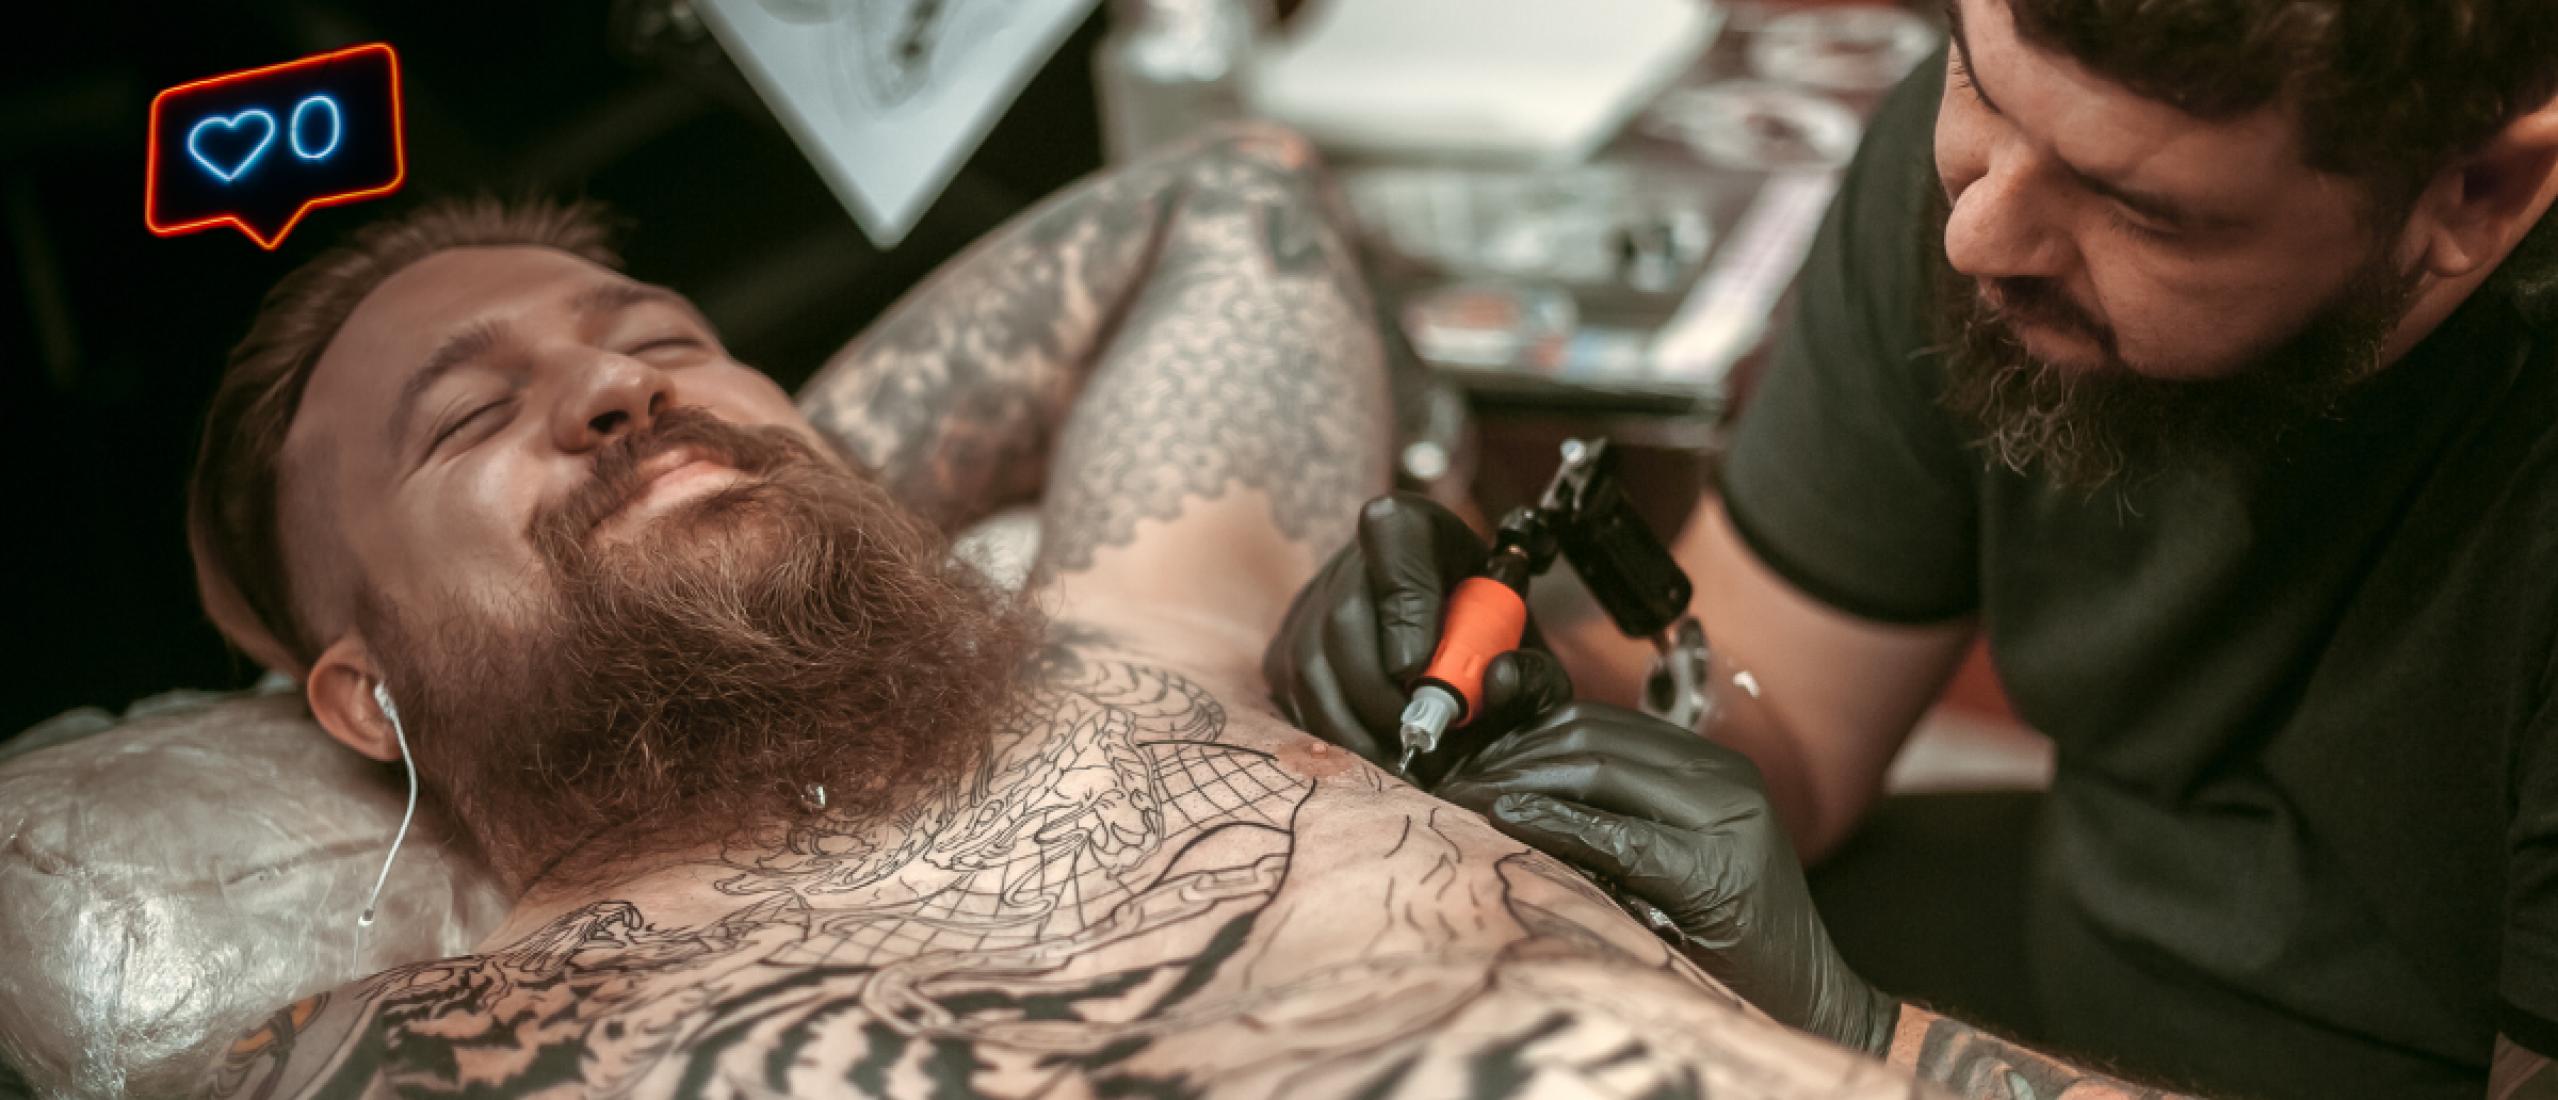 Hoe gebruik je Instagram voor je tattooshop